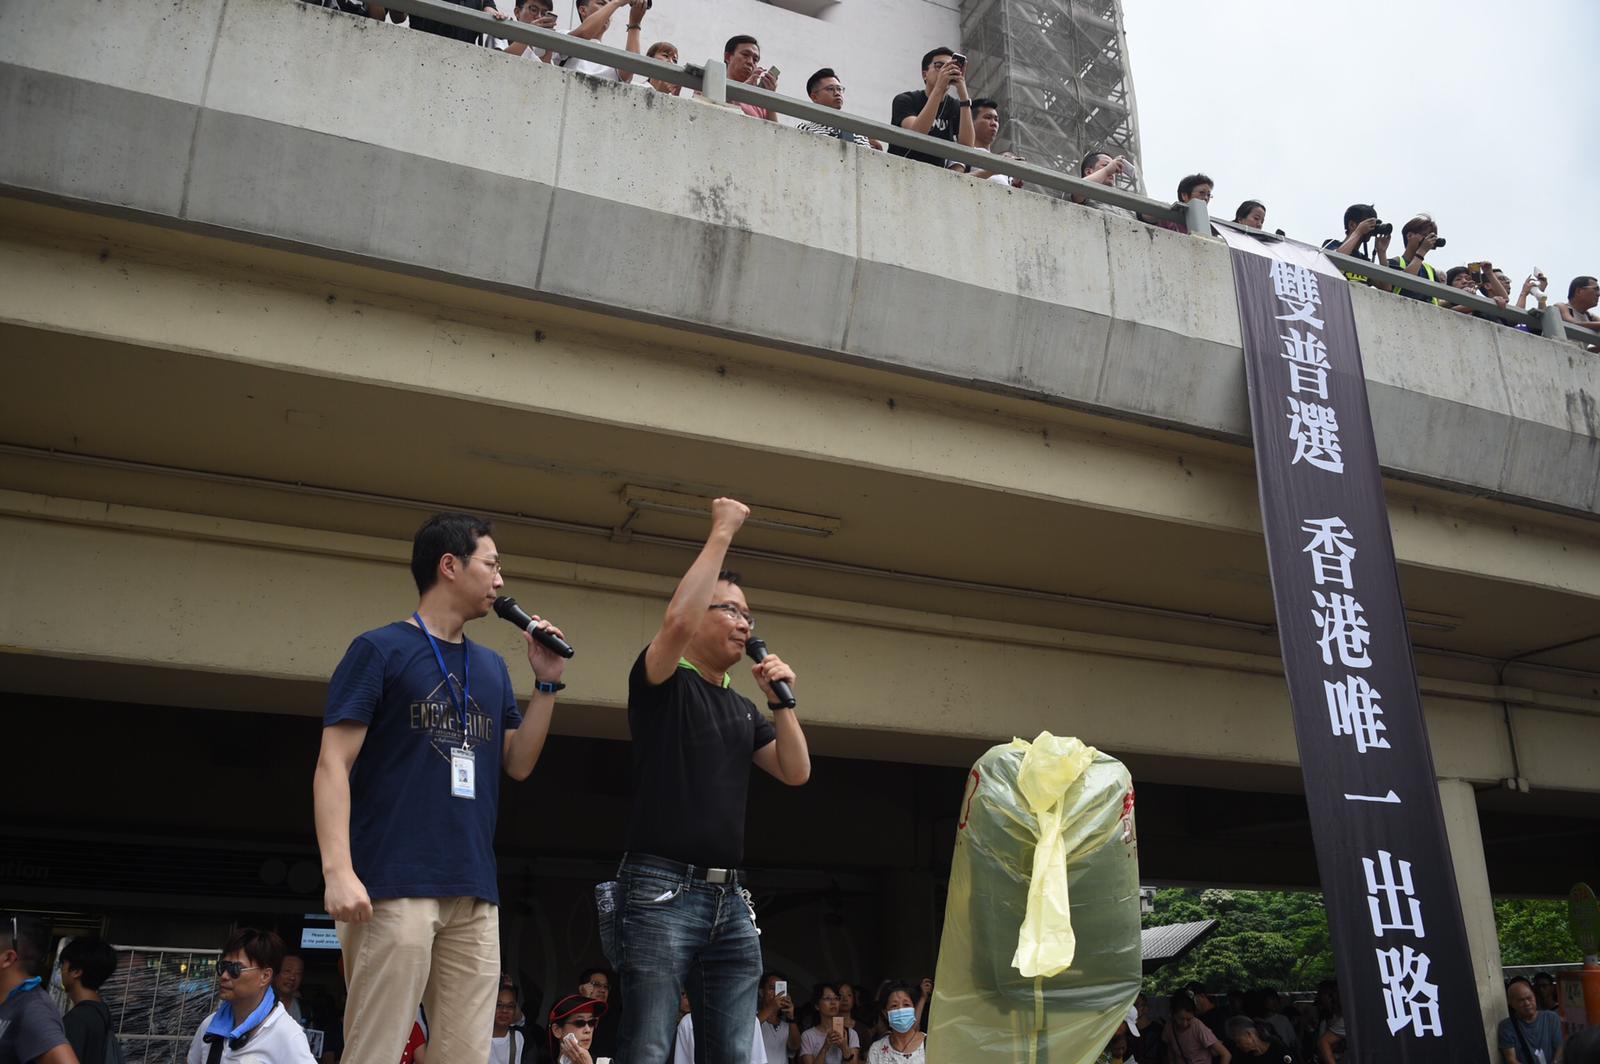 【逃犯條例】沙田遊行大會指11.5萬人參加 警方指高峰時有2.8萬人